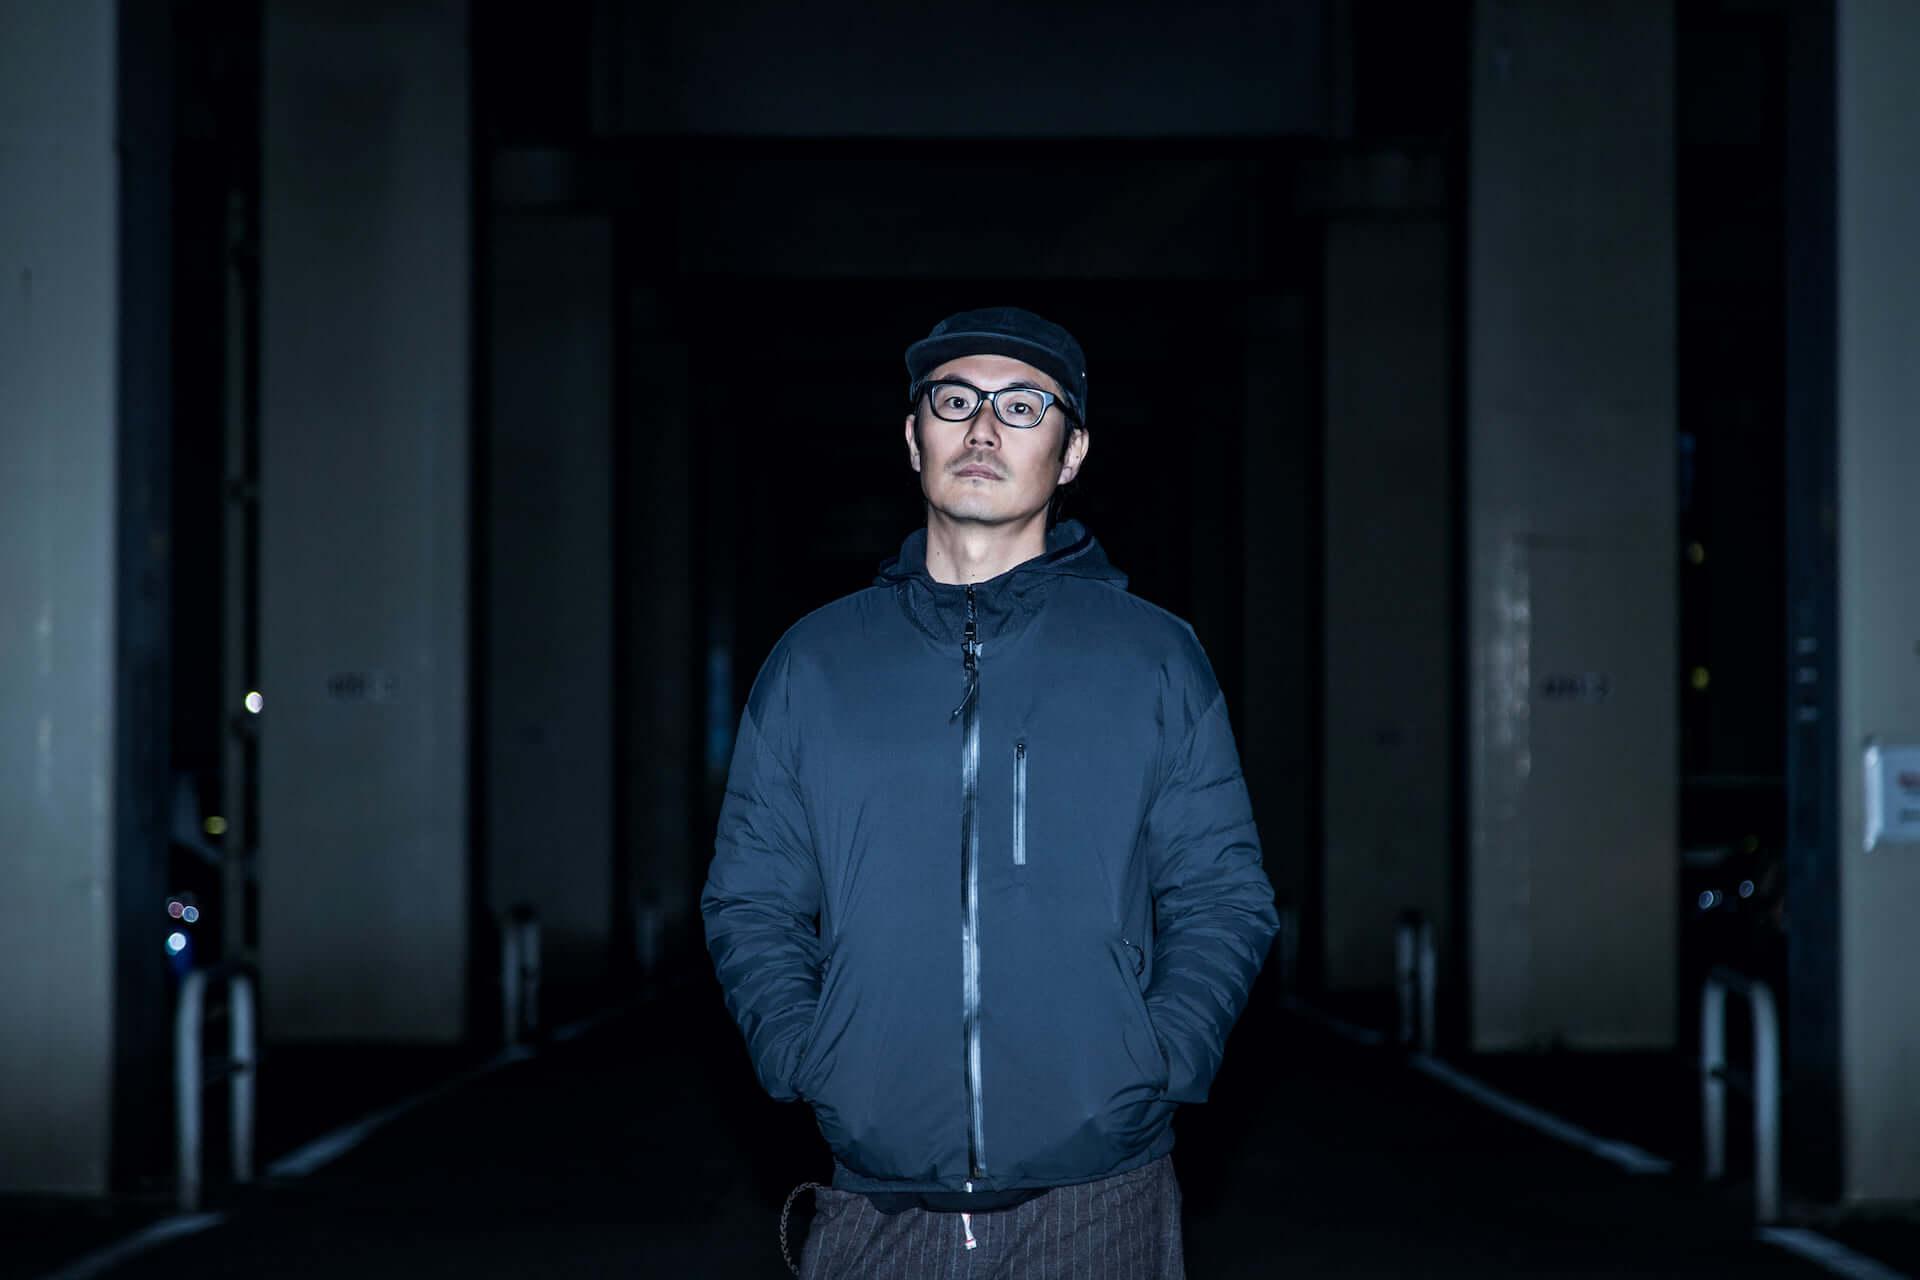 Wata Igarashiのライブセットが世界初の映像化!4Kの映像音楽アートプロジェクト「ETCHED」第3弾作品が公開 music210113_etched_1-1920x1280